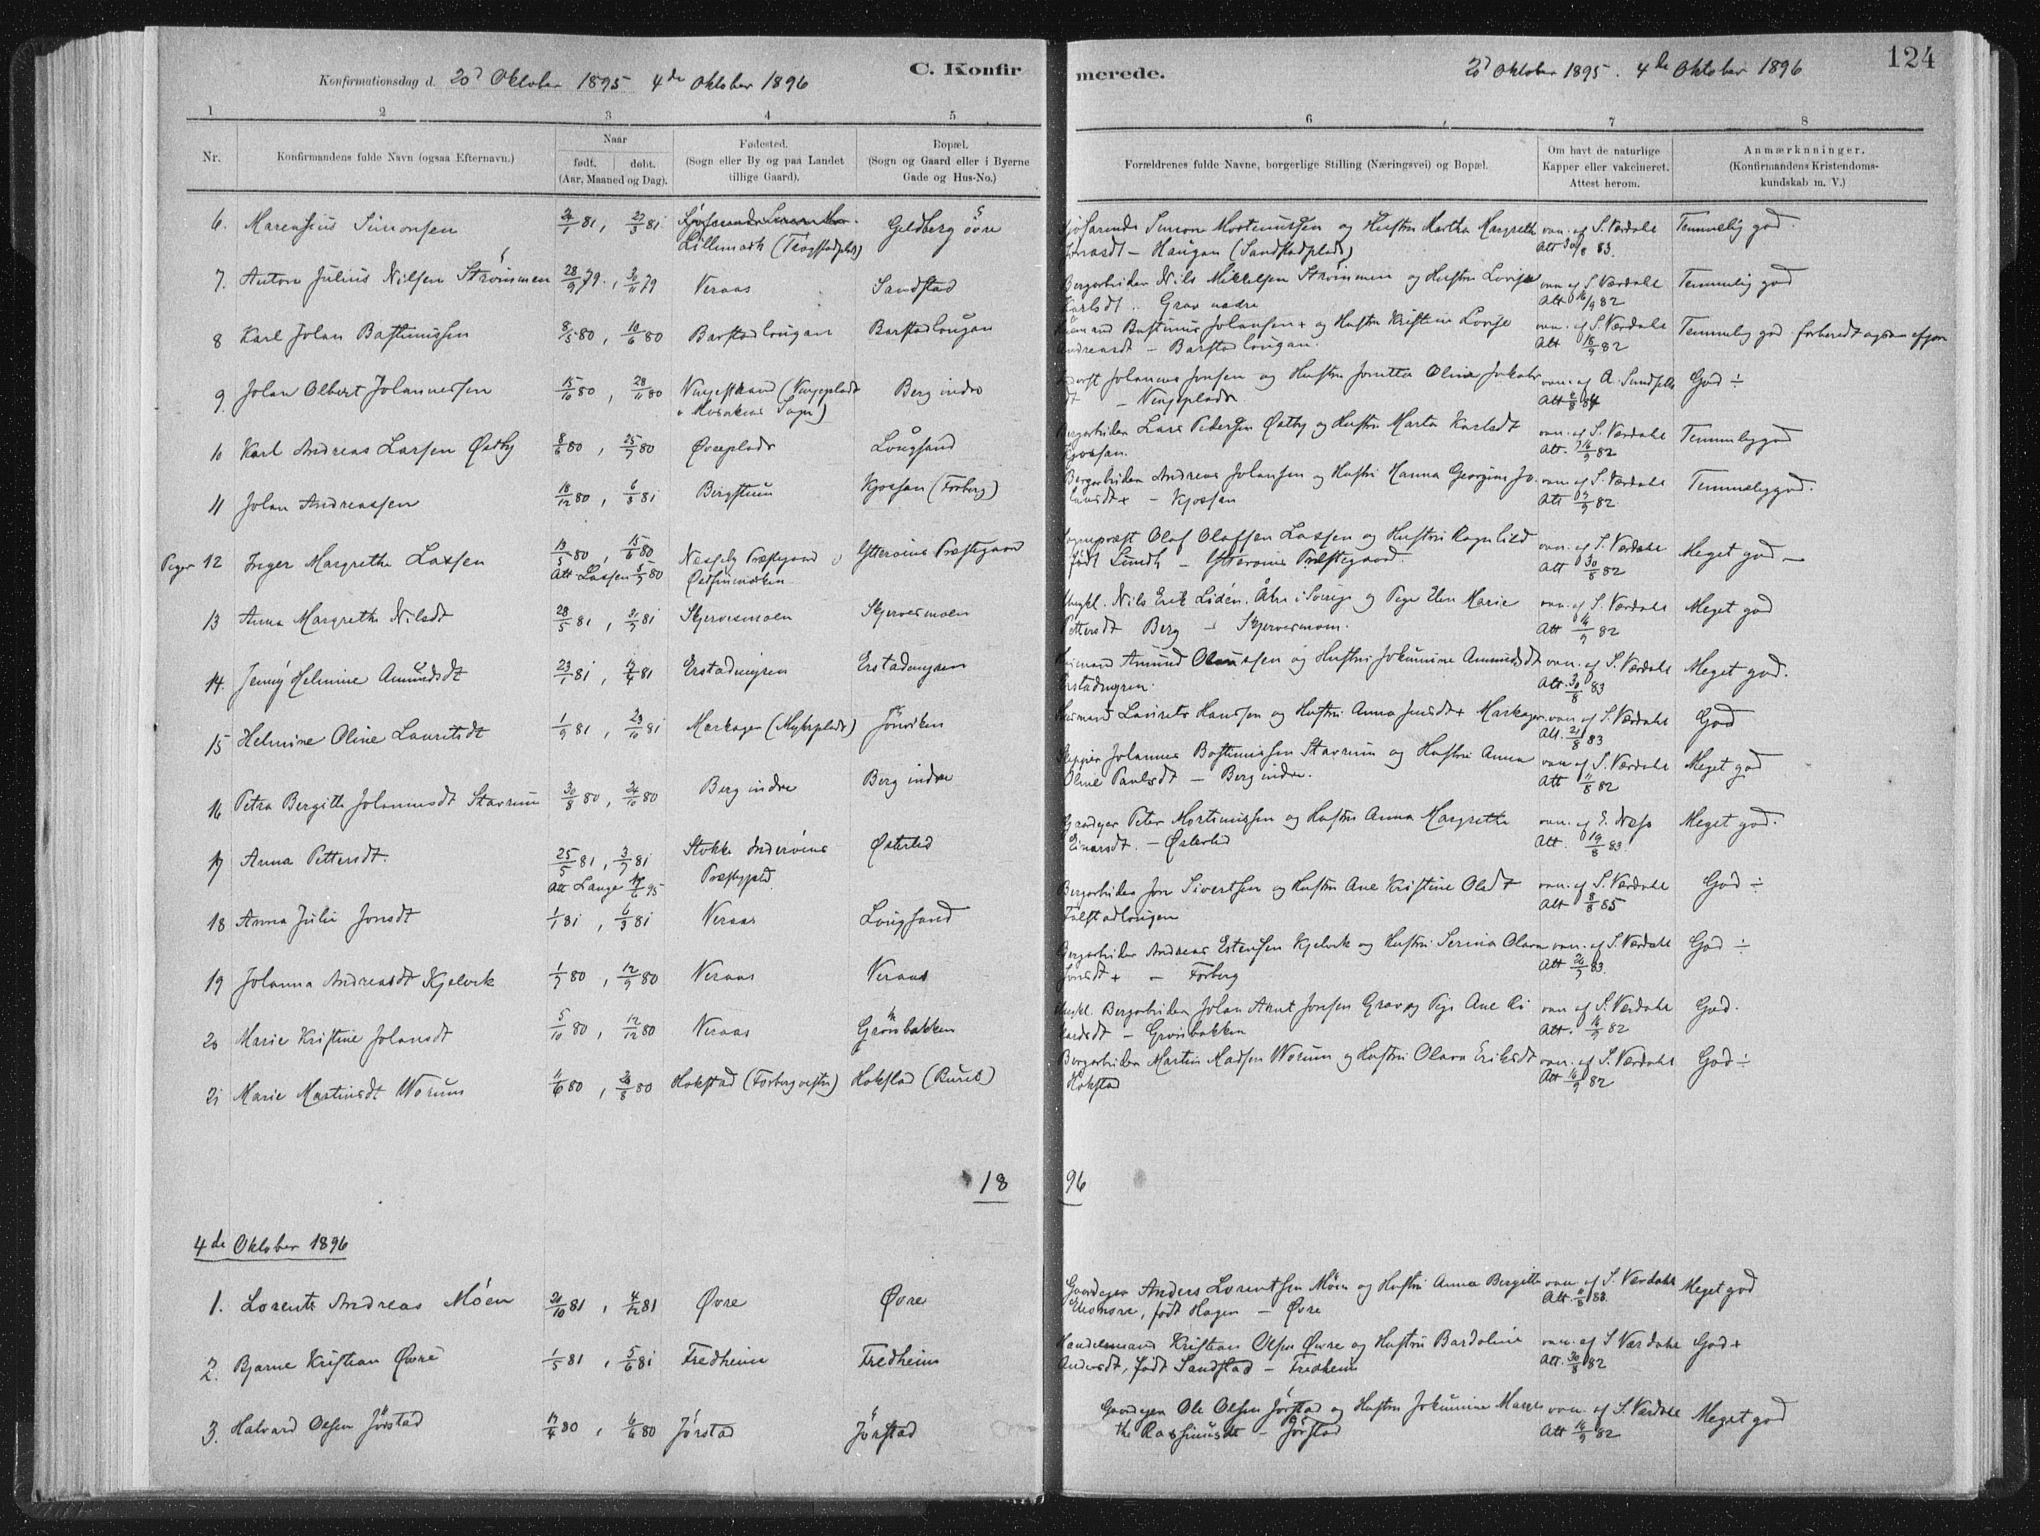 SAT, Ministerialprotokoller, klokkerbøker og fødselsregistre - Nord-Trøndelag, 722/L0220: Ministerialbok nr. 722A07, 1881-1908, s. 124